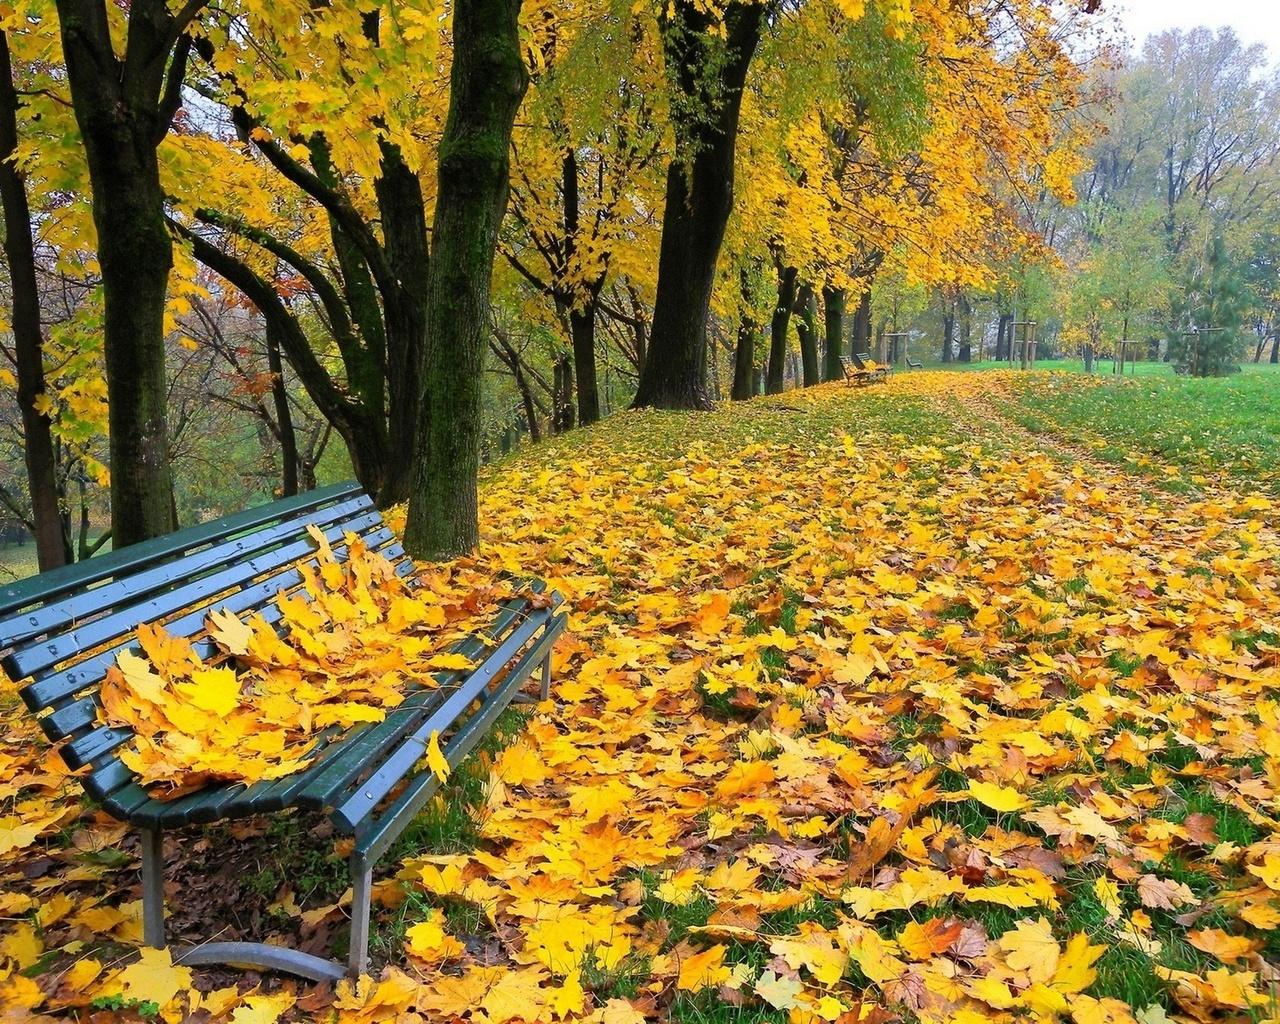 Картинки осенний листопад в парке, пожеланиями для